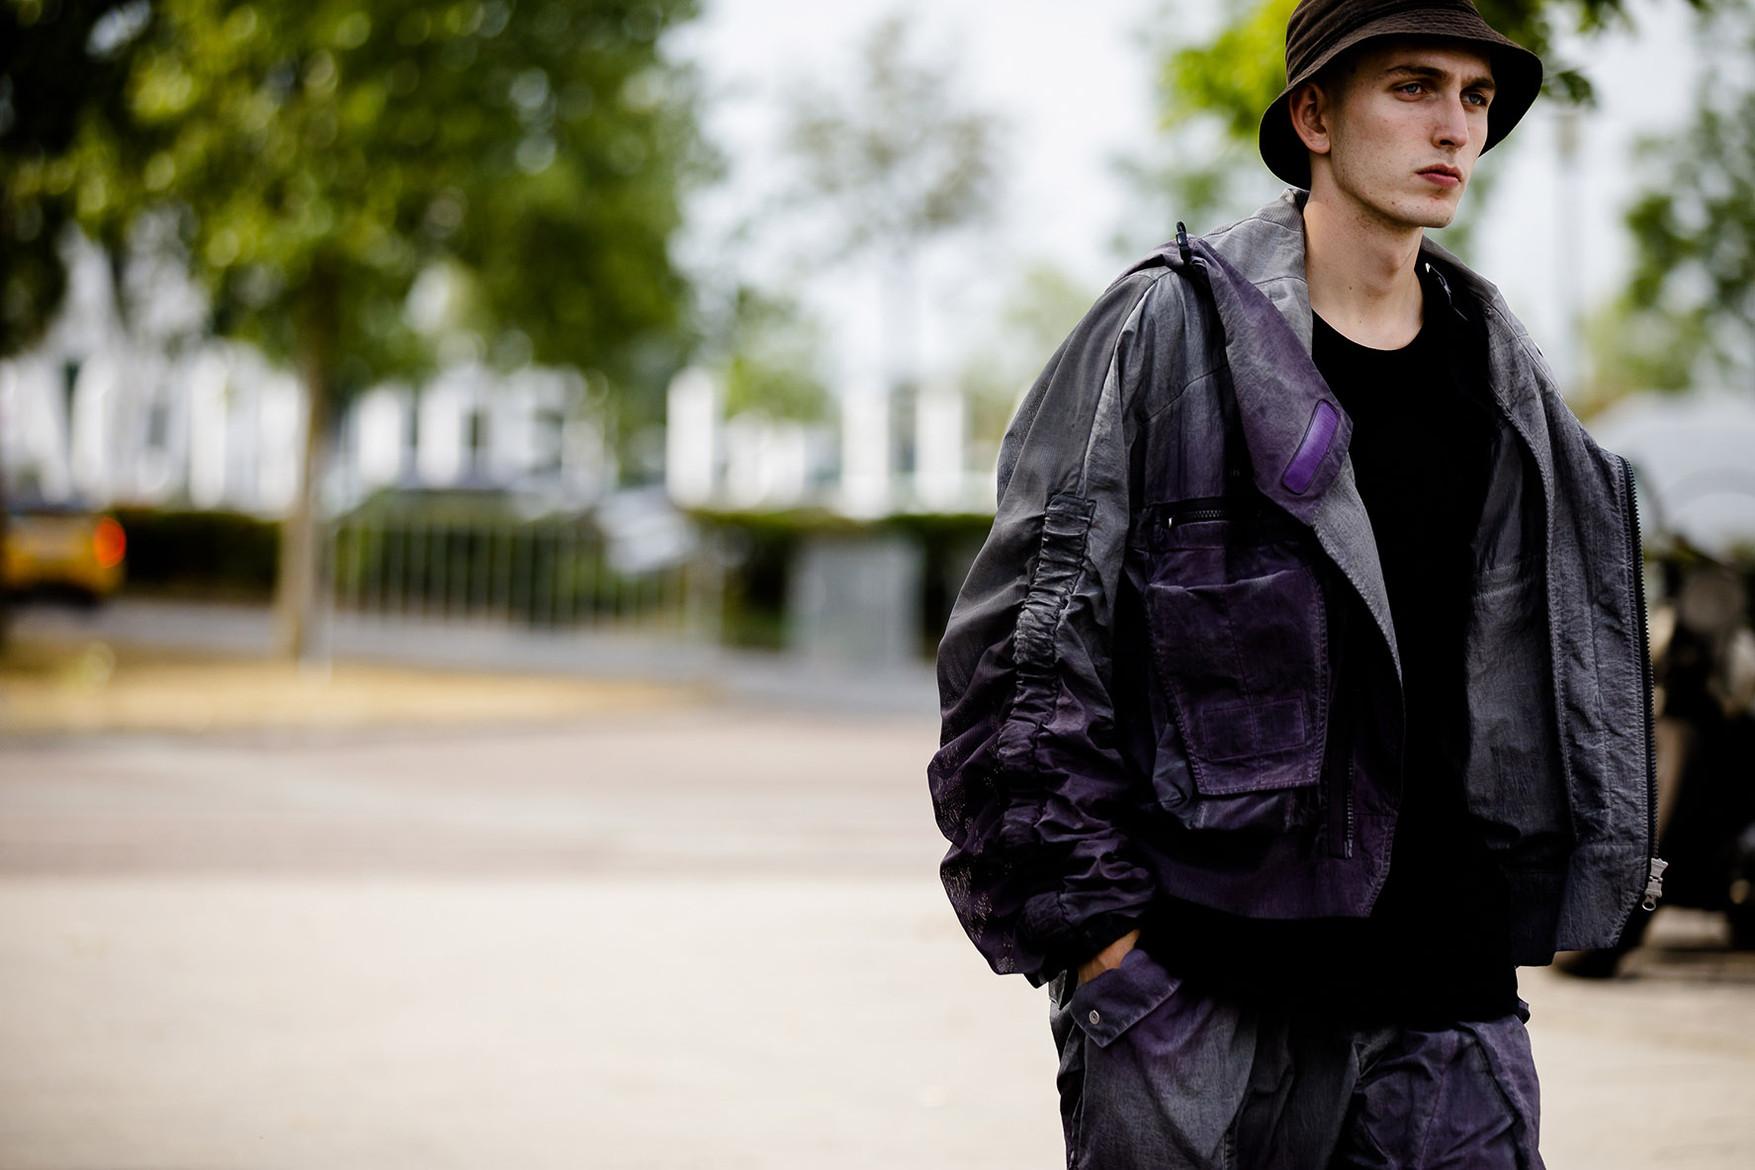 Tin tức thời trang ở Copenhagen đã hội tụ đông đảo các fashionisto trên khắp Đan Mạch. Ảnh: Jack Stanley